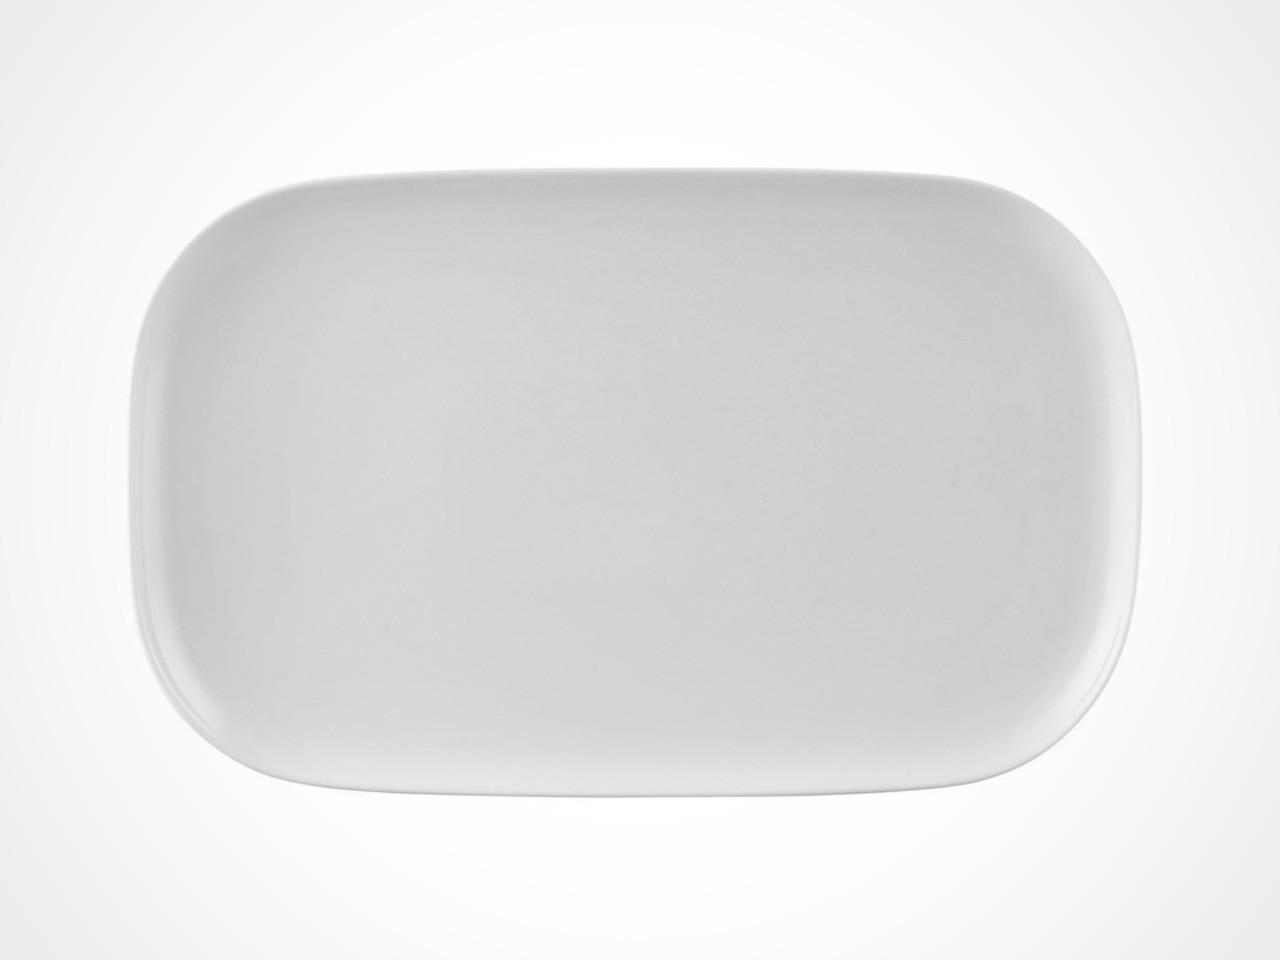 Rosenthal Moon White serving platter on white background.